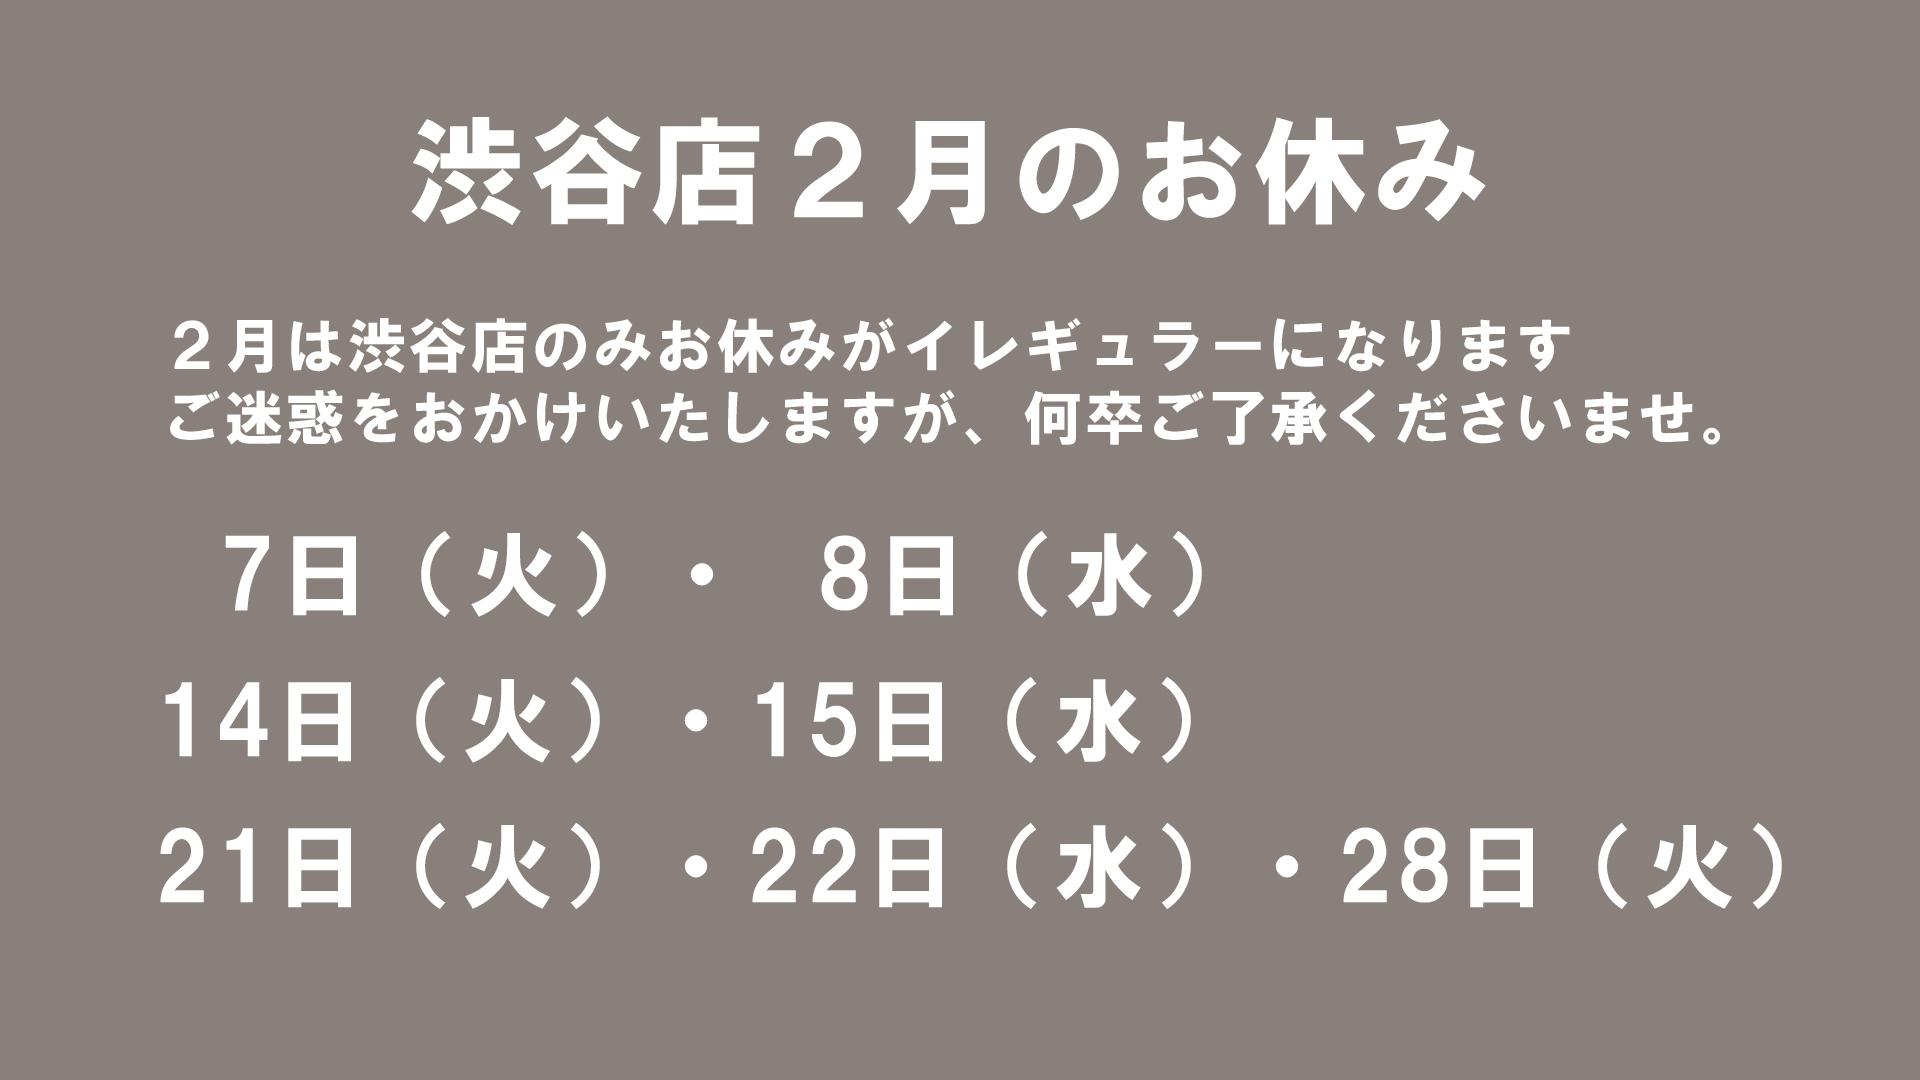 渋谷店2月のお休みはイレギュラーになります